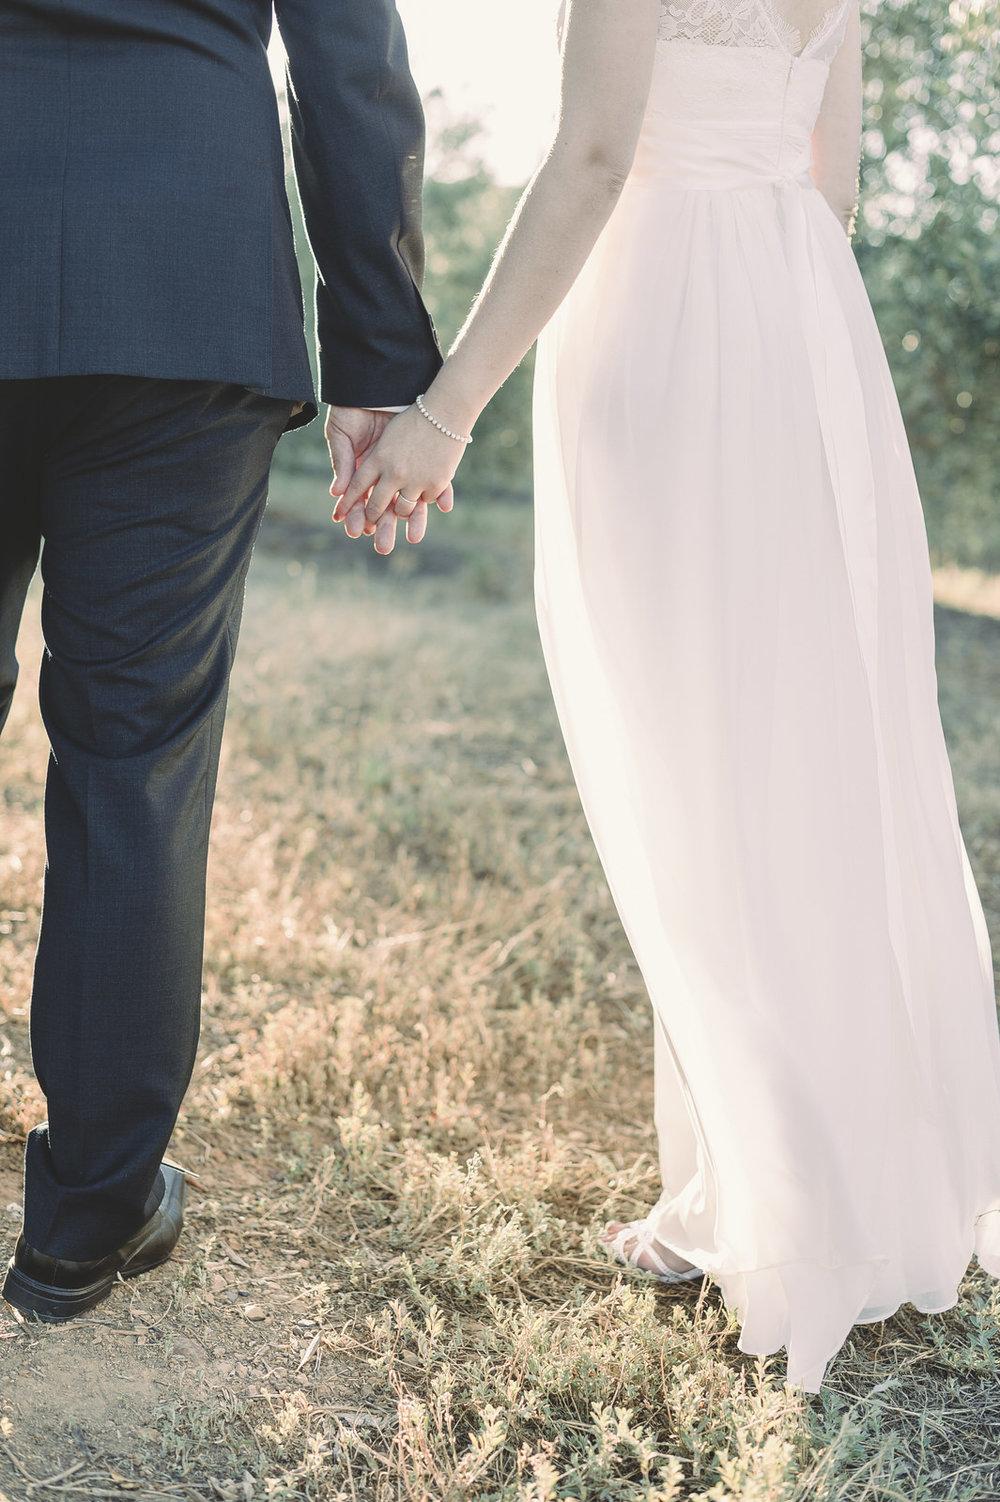 RyanParker_Wedding_CapeTown_Hermanus_GabrielsKloof_E+P__RyanParker_Wedding_CapeTown_Hermanus_E+P_DSC_6972.jpg